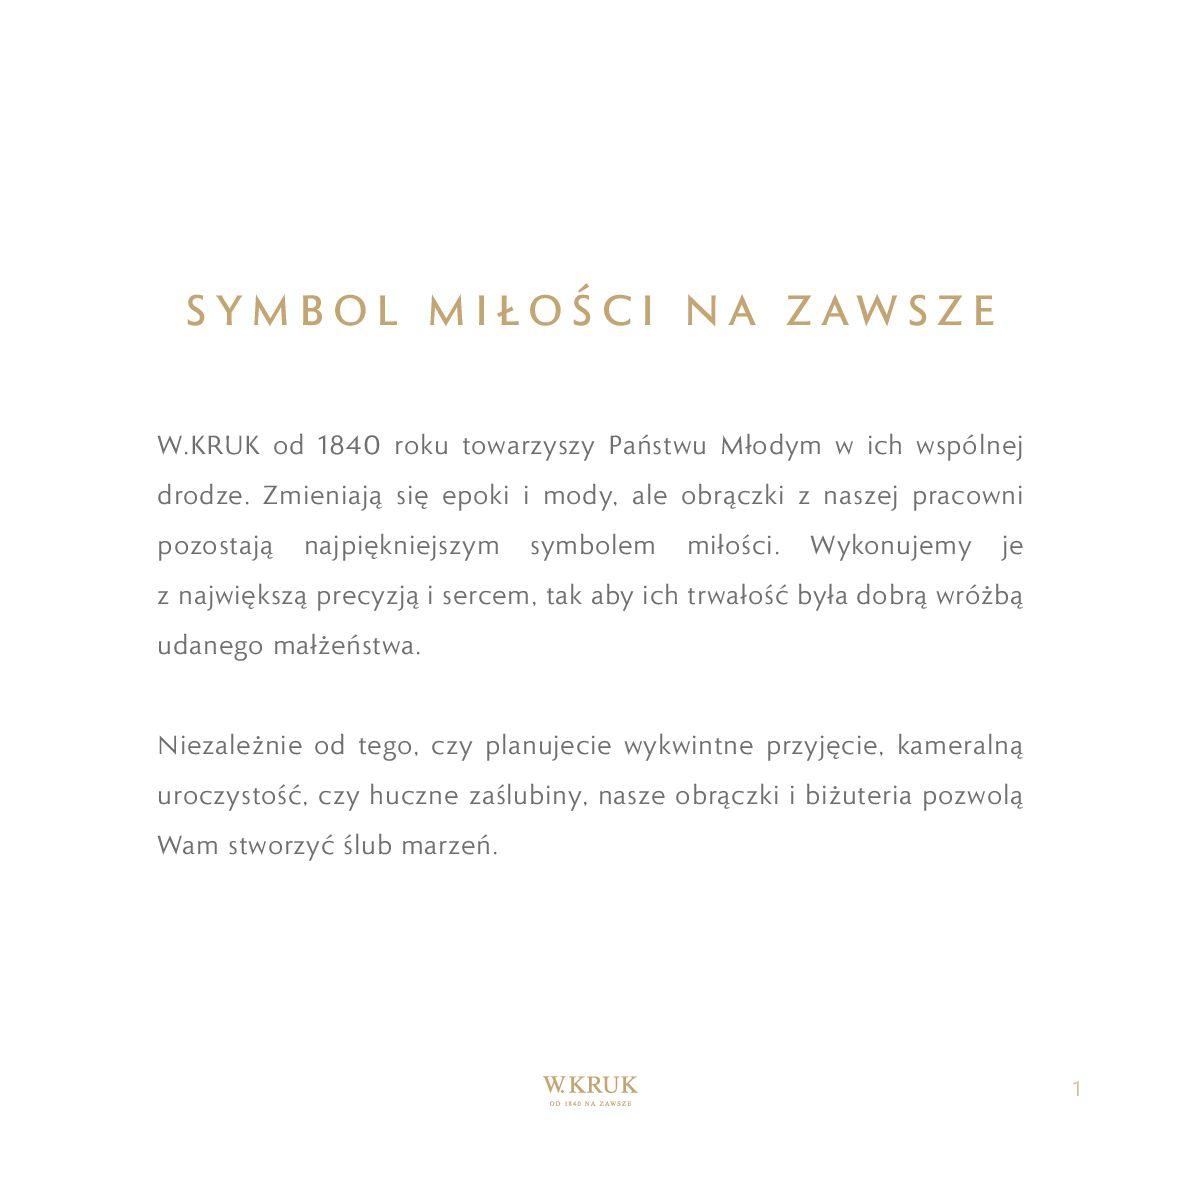 Gazetka W. KRUK: Katalog - Obrączki 2021-02-17 page-3